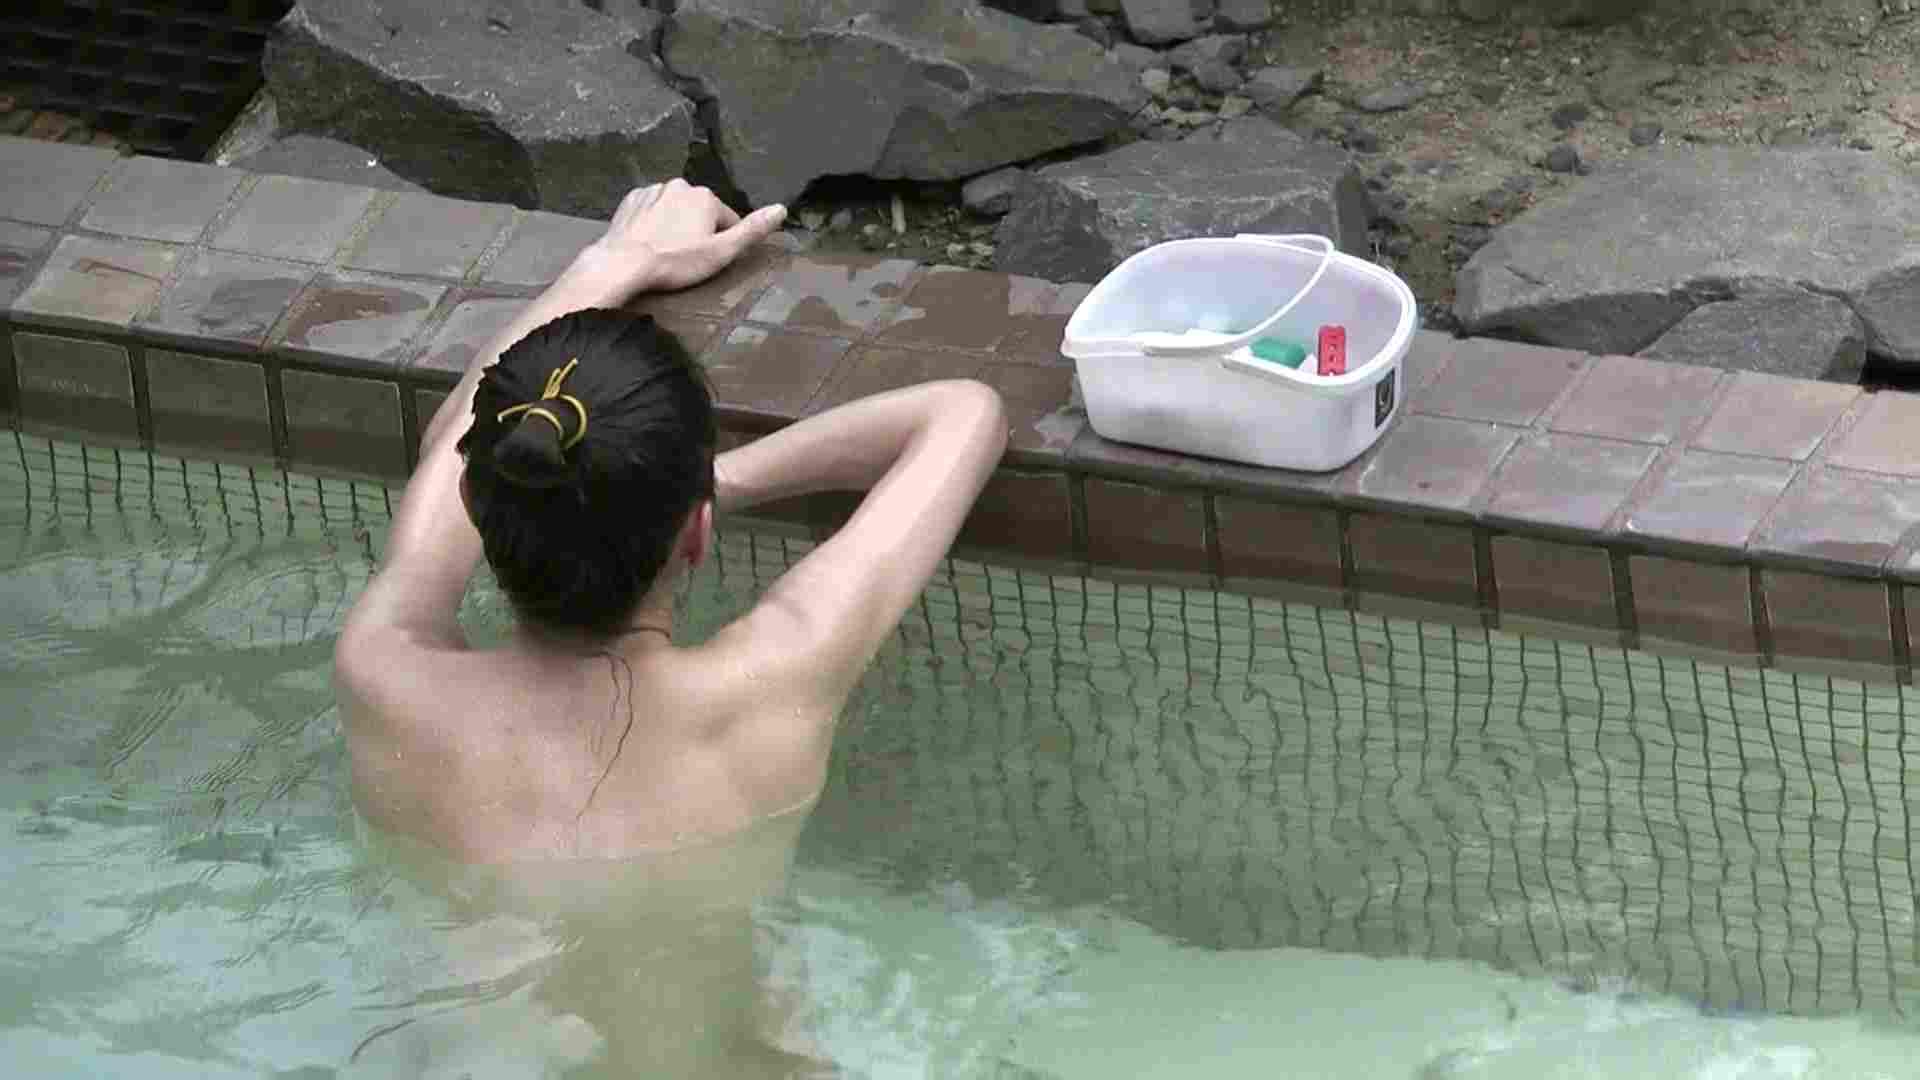 Aquaな露天風呂Vol.653 OLのエロ生活 スケベ動画紹介 96連発 95